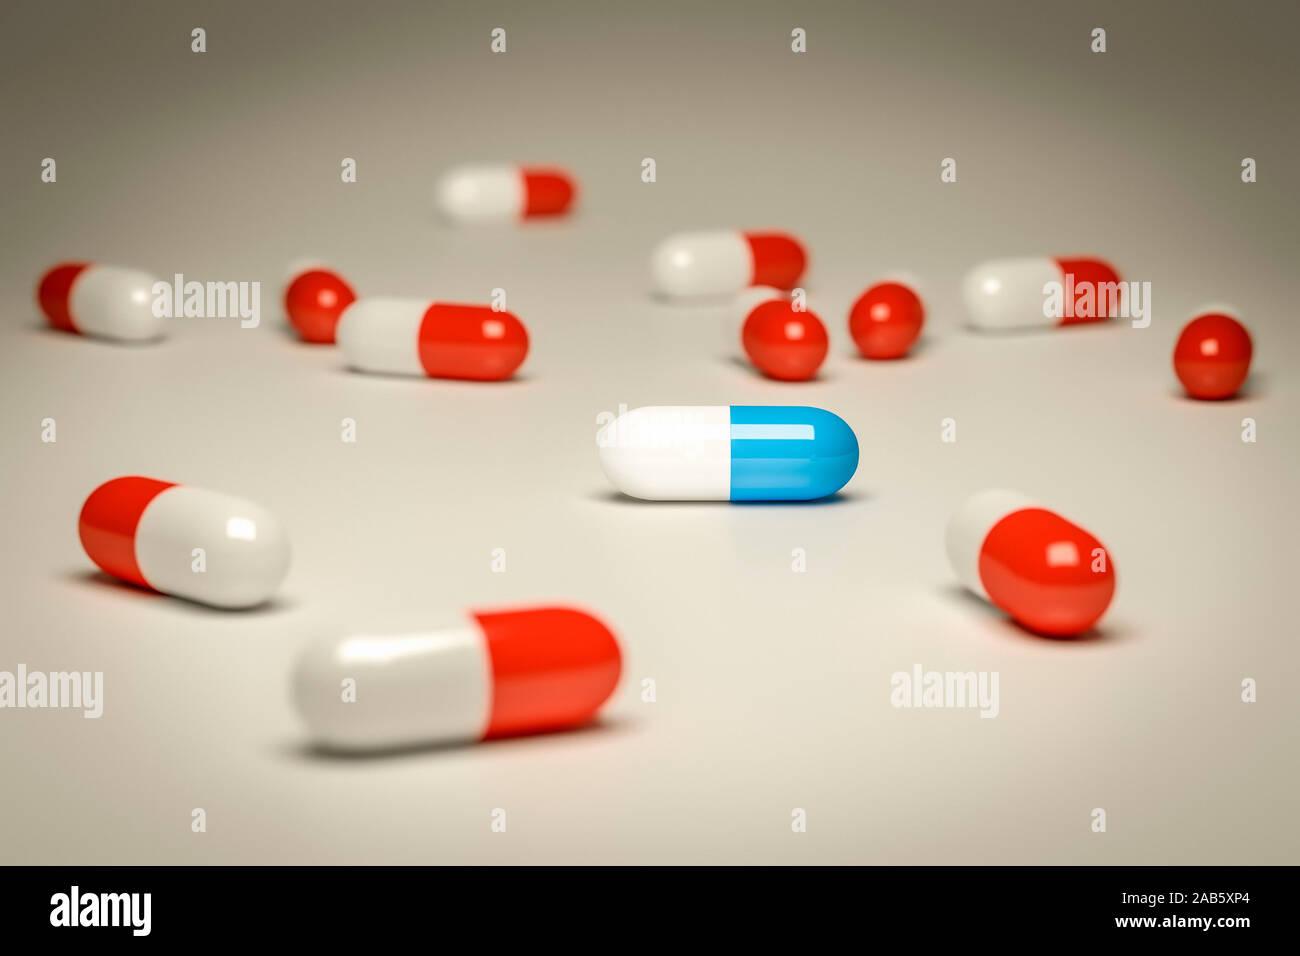 Zahlreiche rote und eine blaue Pille vor grauem Hintergrund Stock Photo